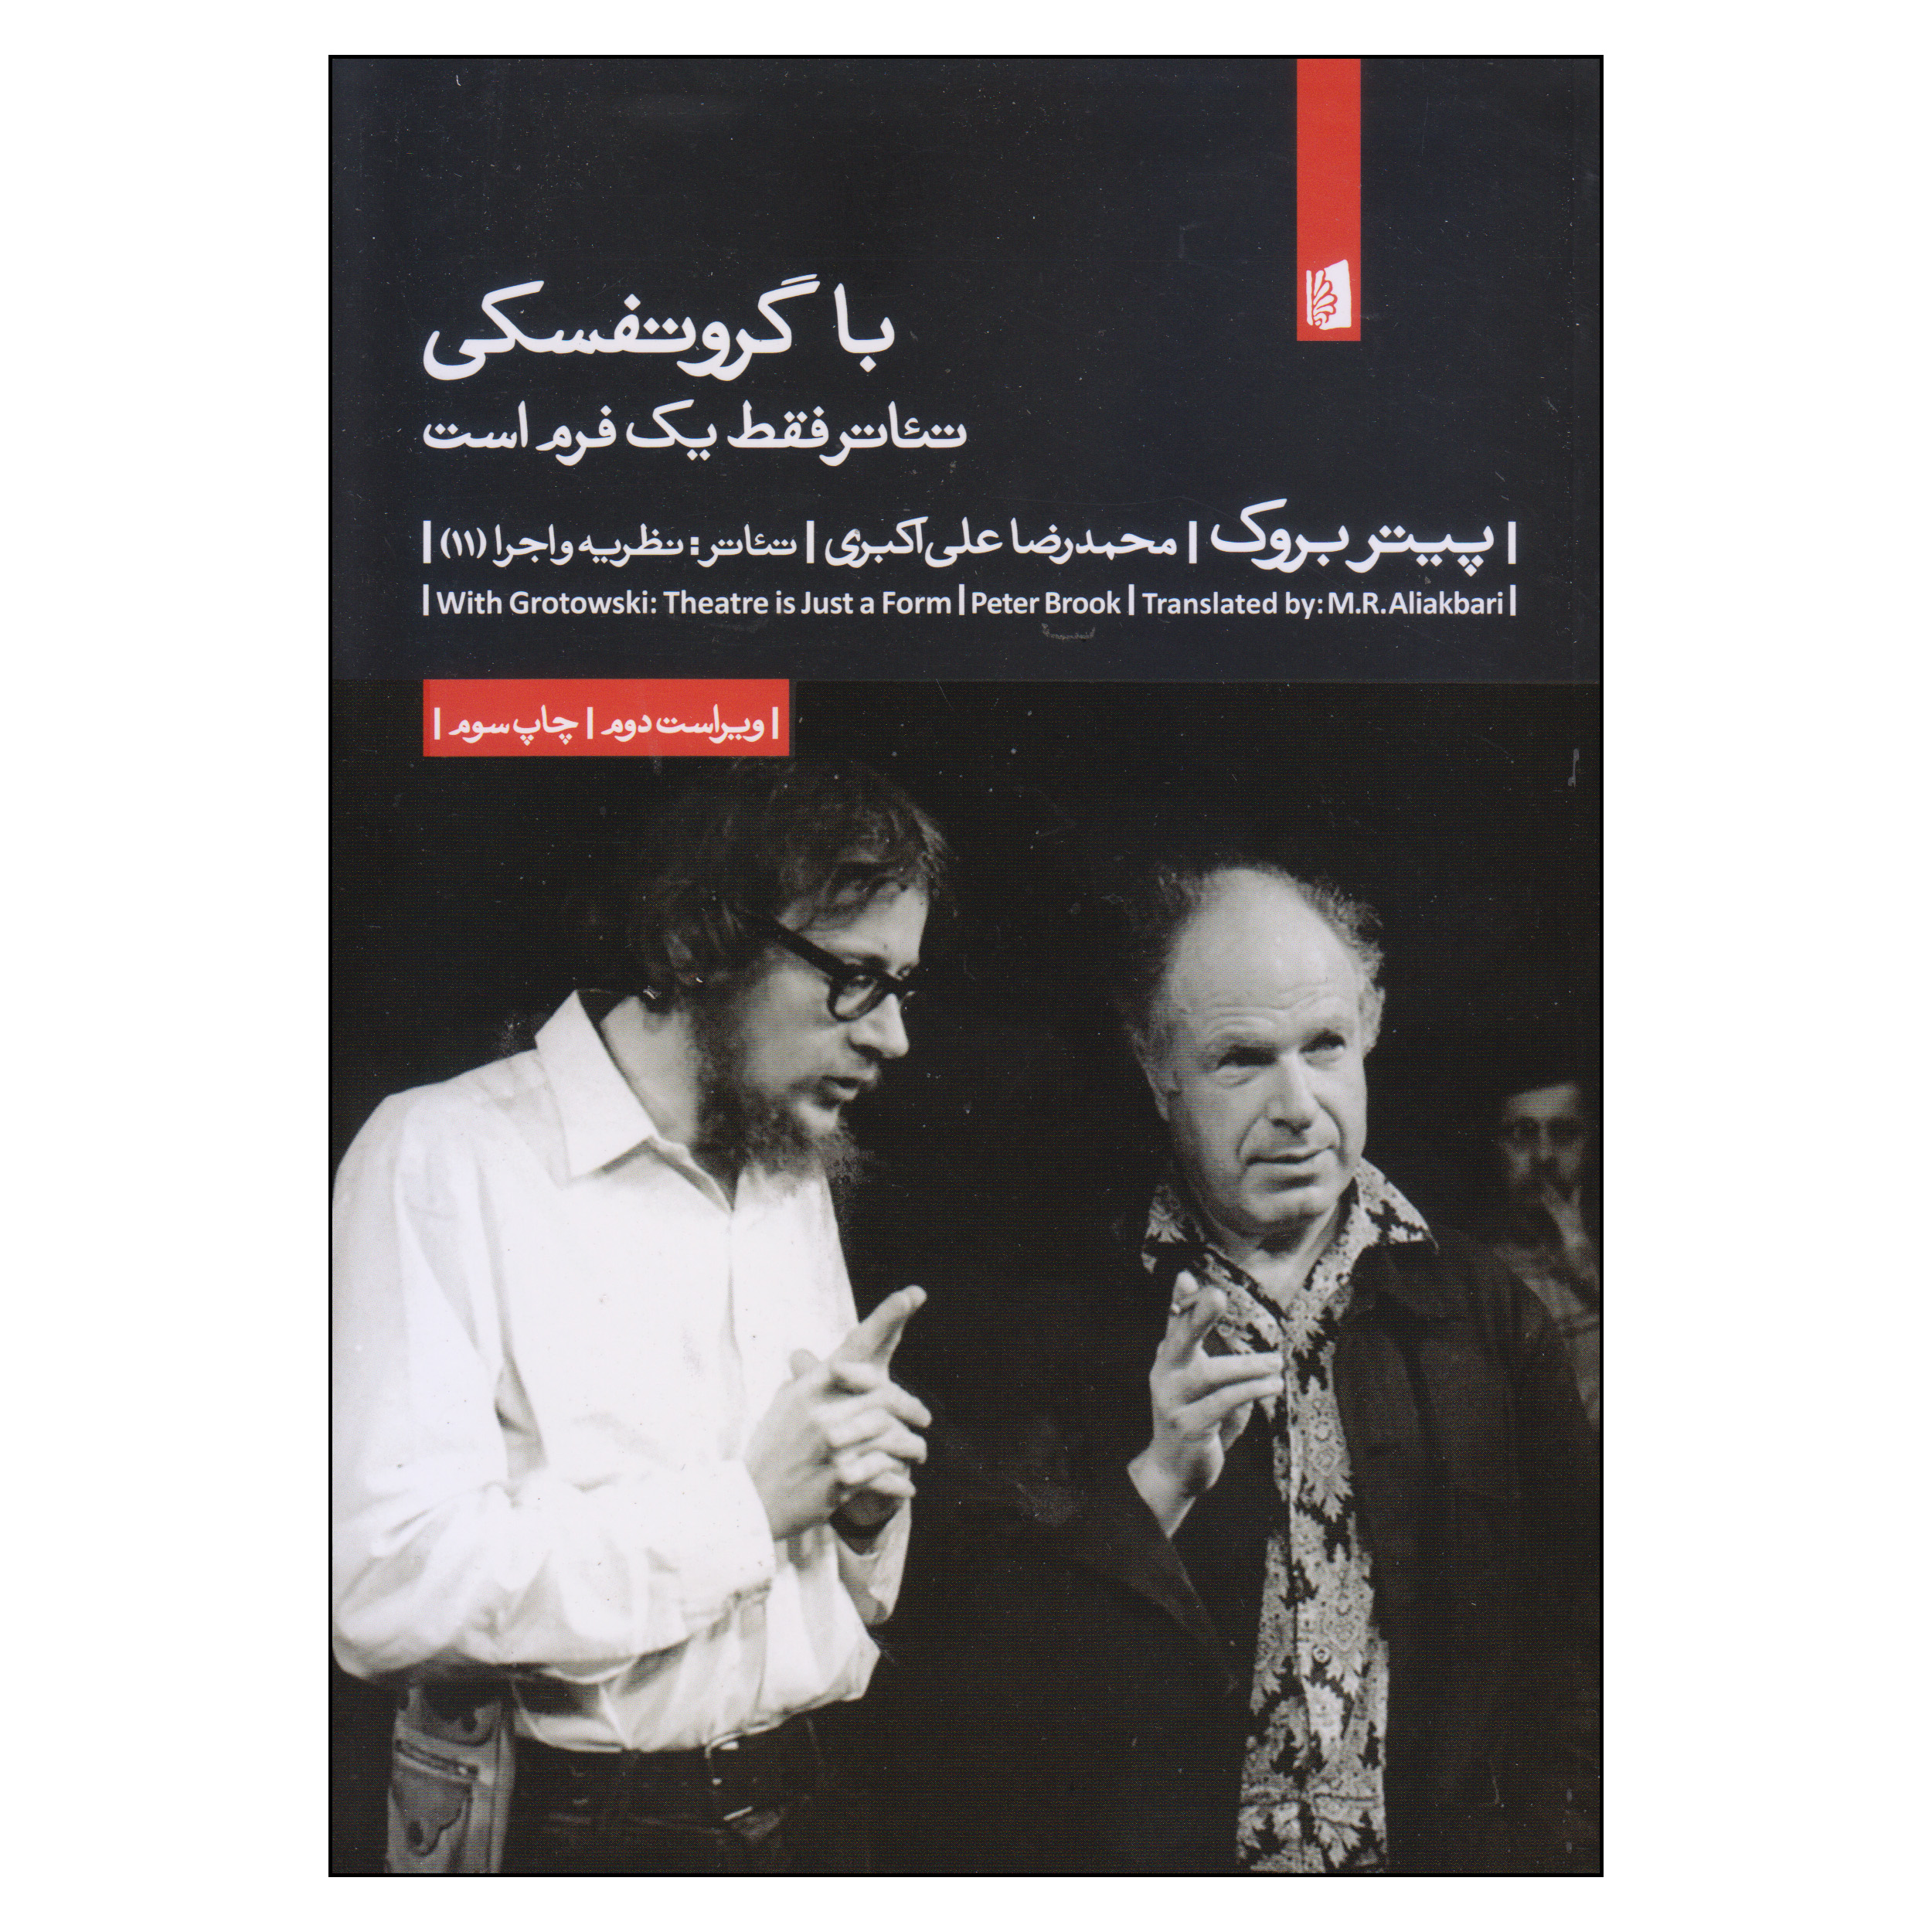 خرید                      کتاب با گروتفسکی اثر پیتر بروک نشر بیدگل